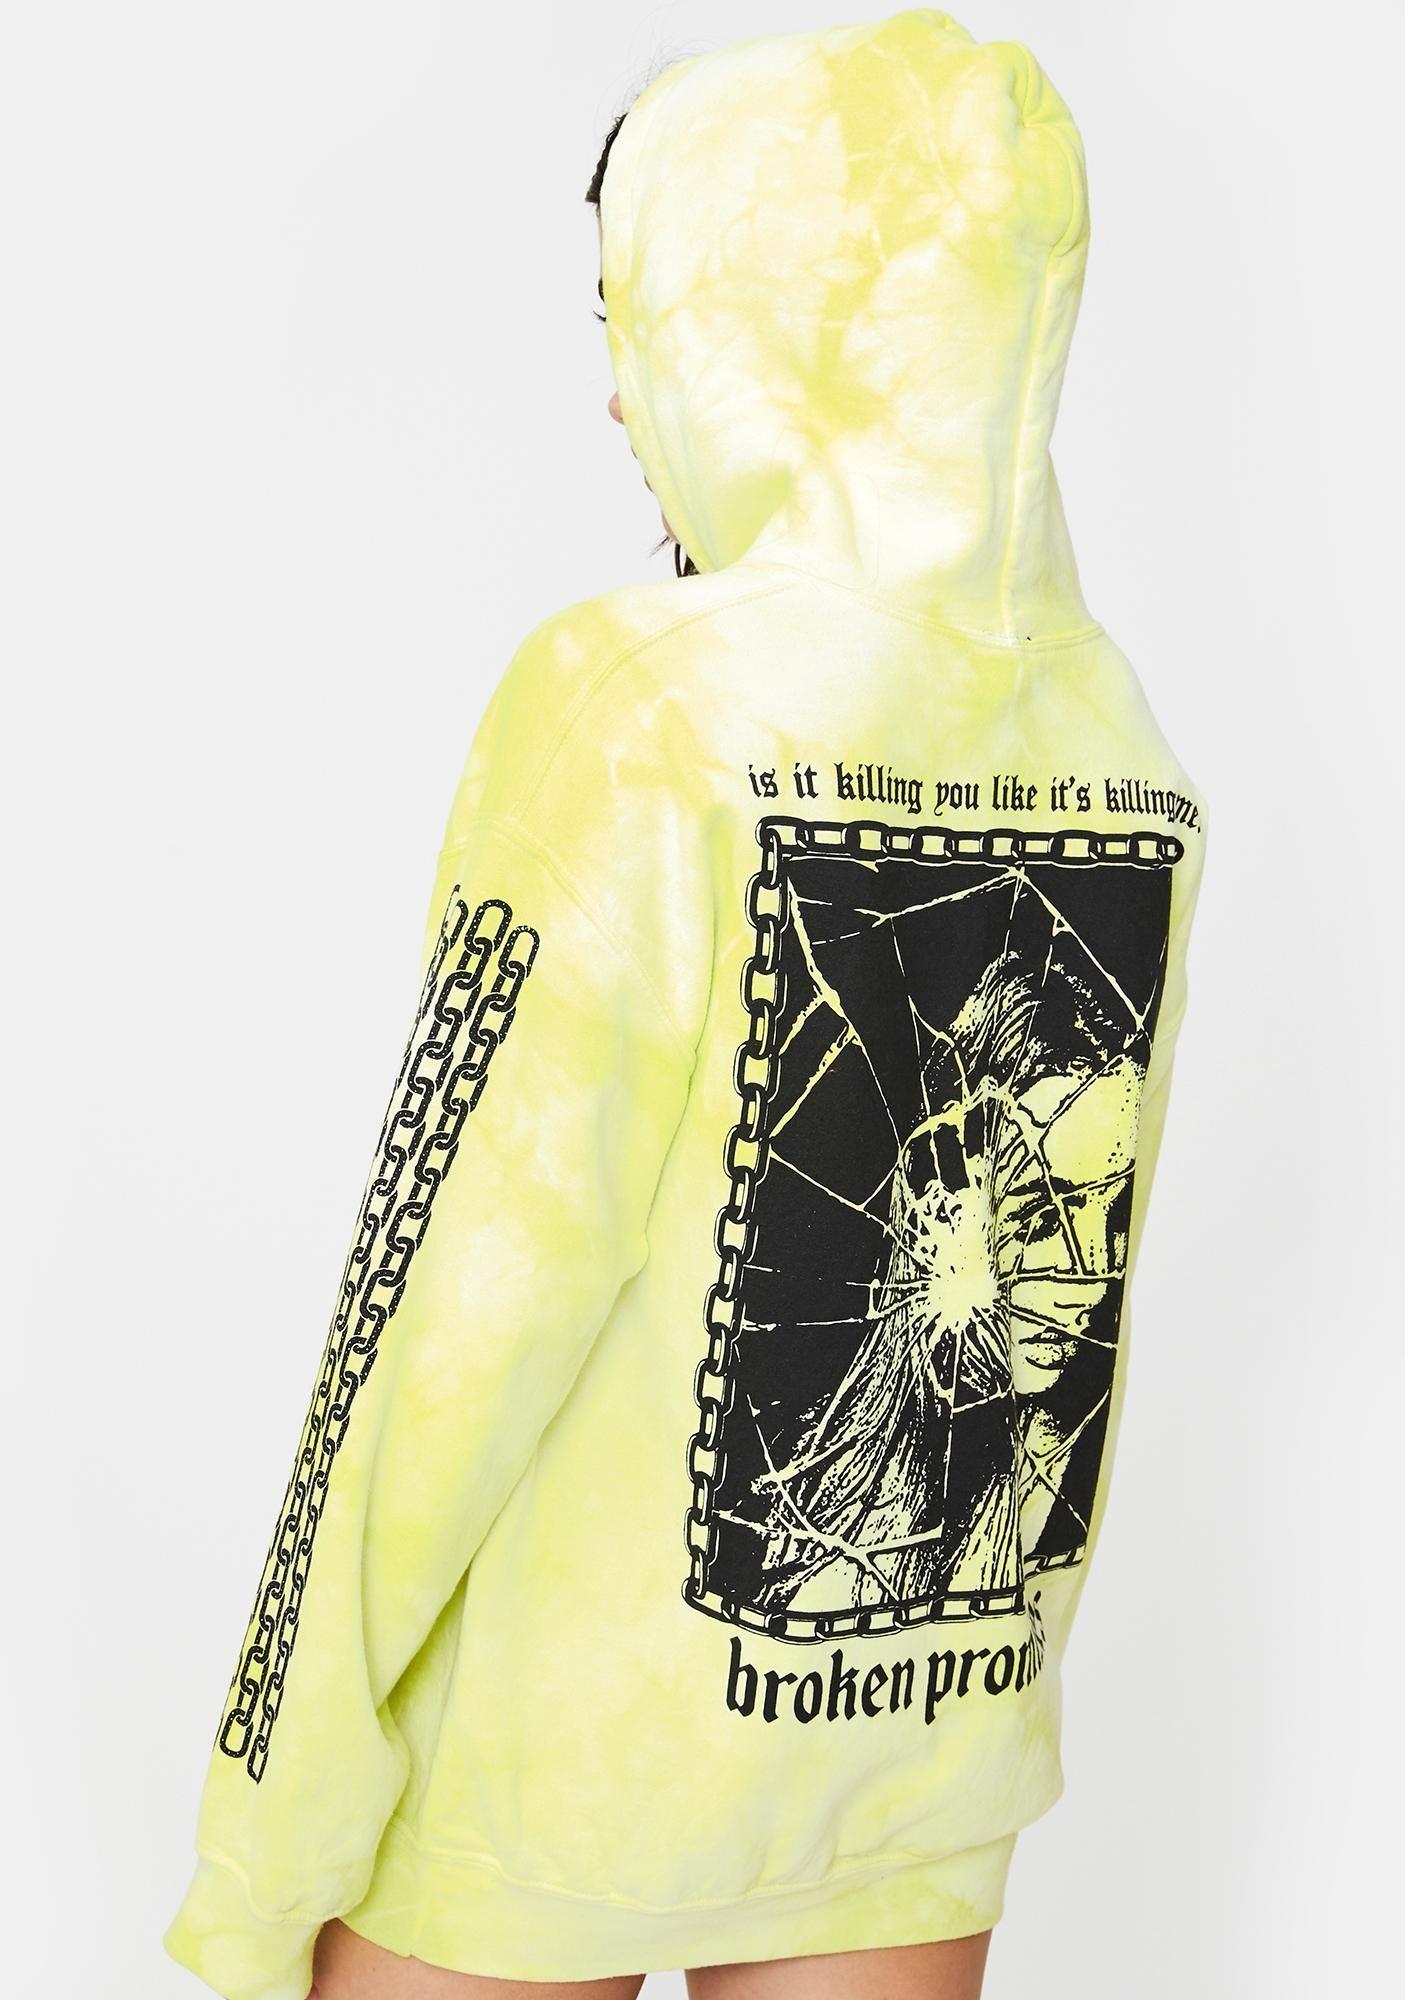 Broken promises co neon yellow shattered tie dye hoodie